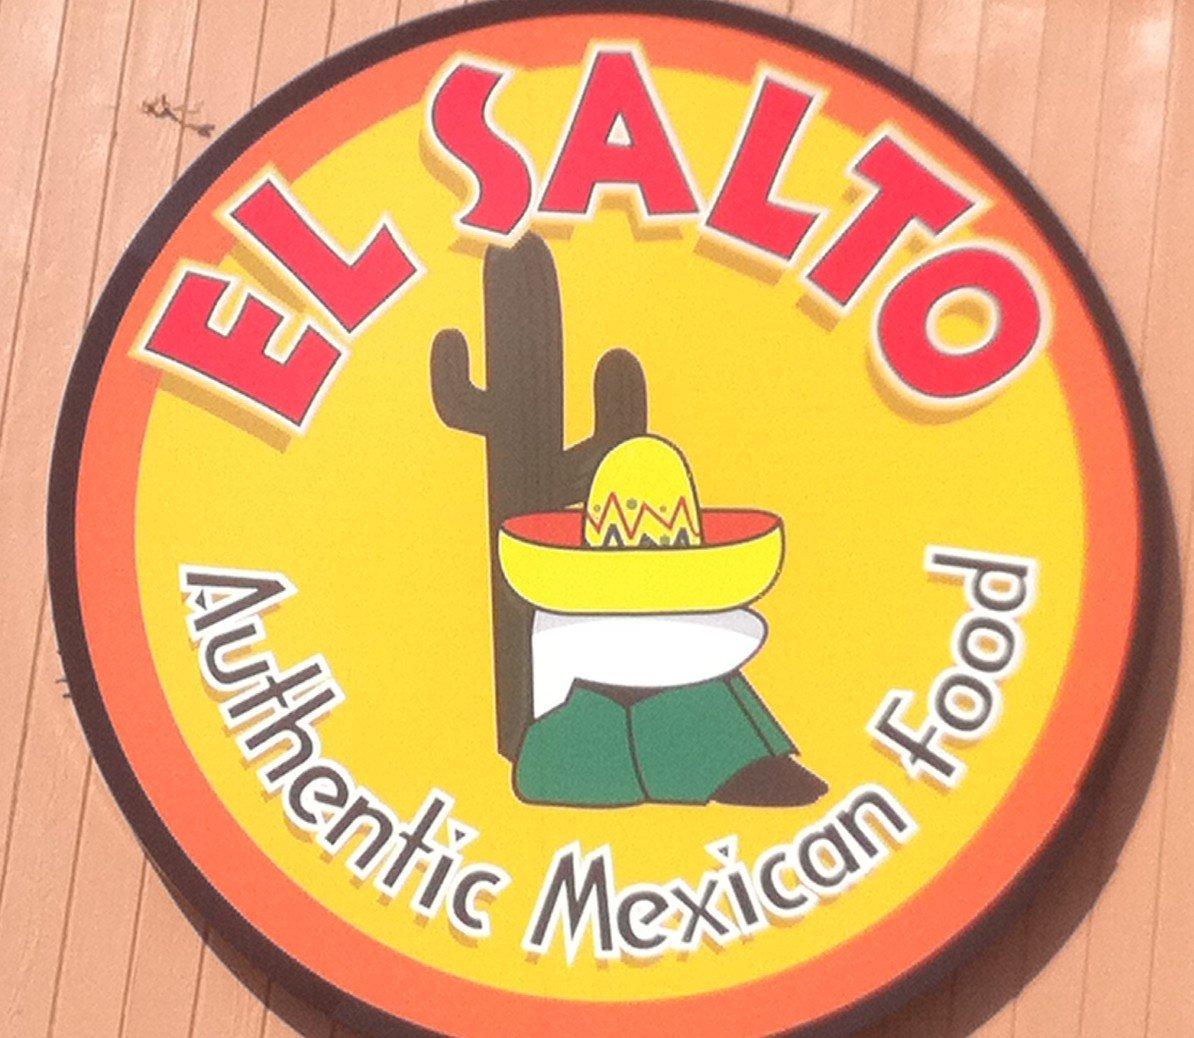 Crossing the Border: El Salto